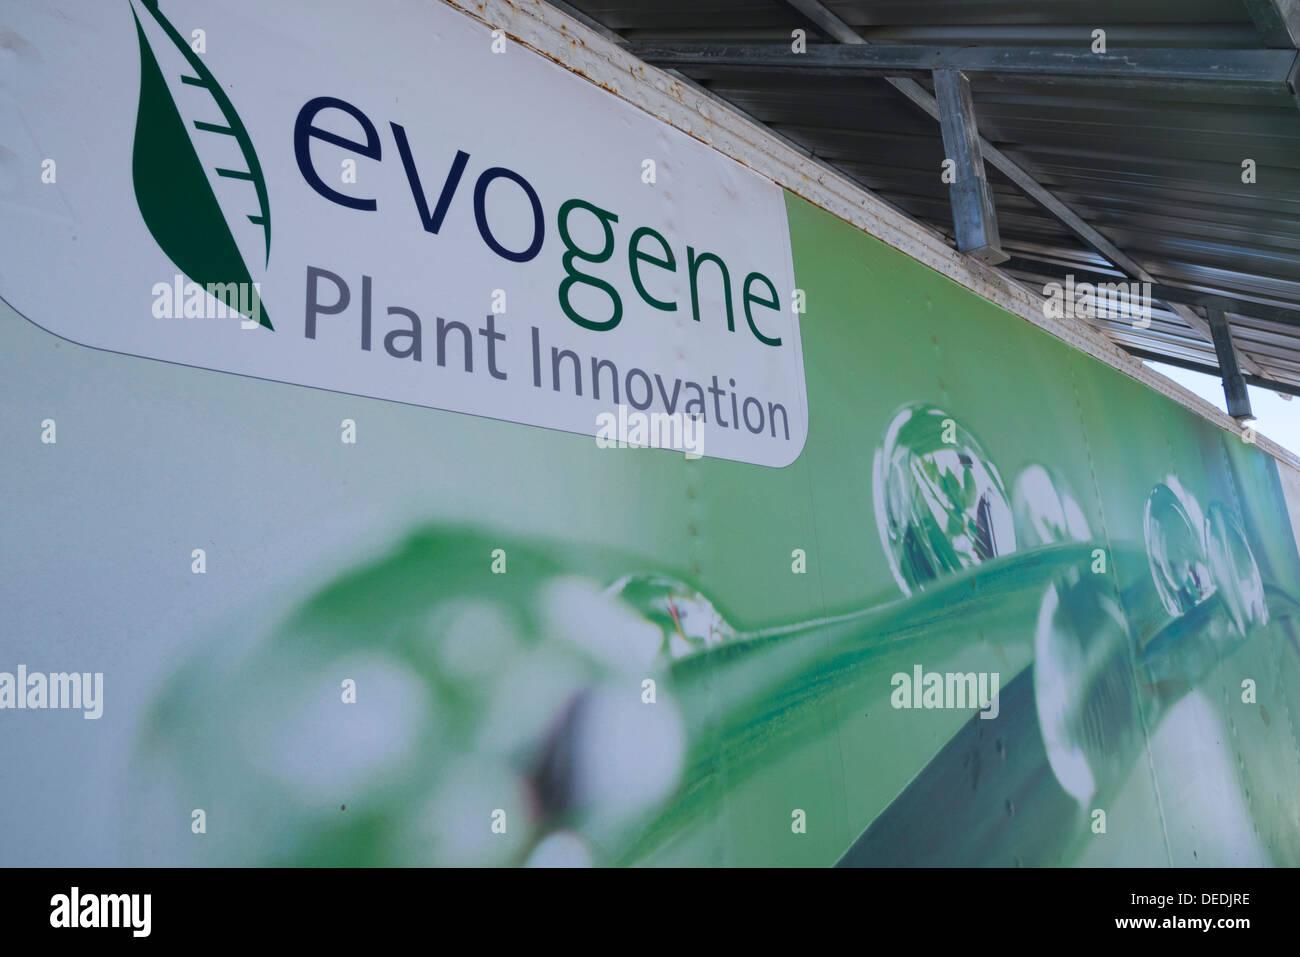 Evogene. Les cultures génétiquement modifiées. Rehovot. Israël. Photo Stock